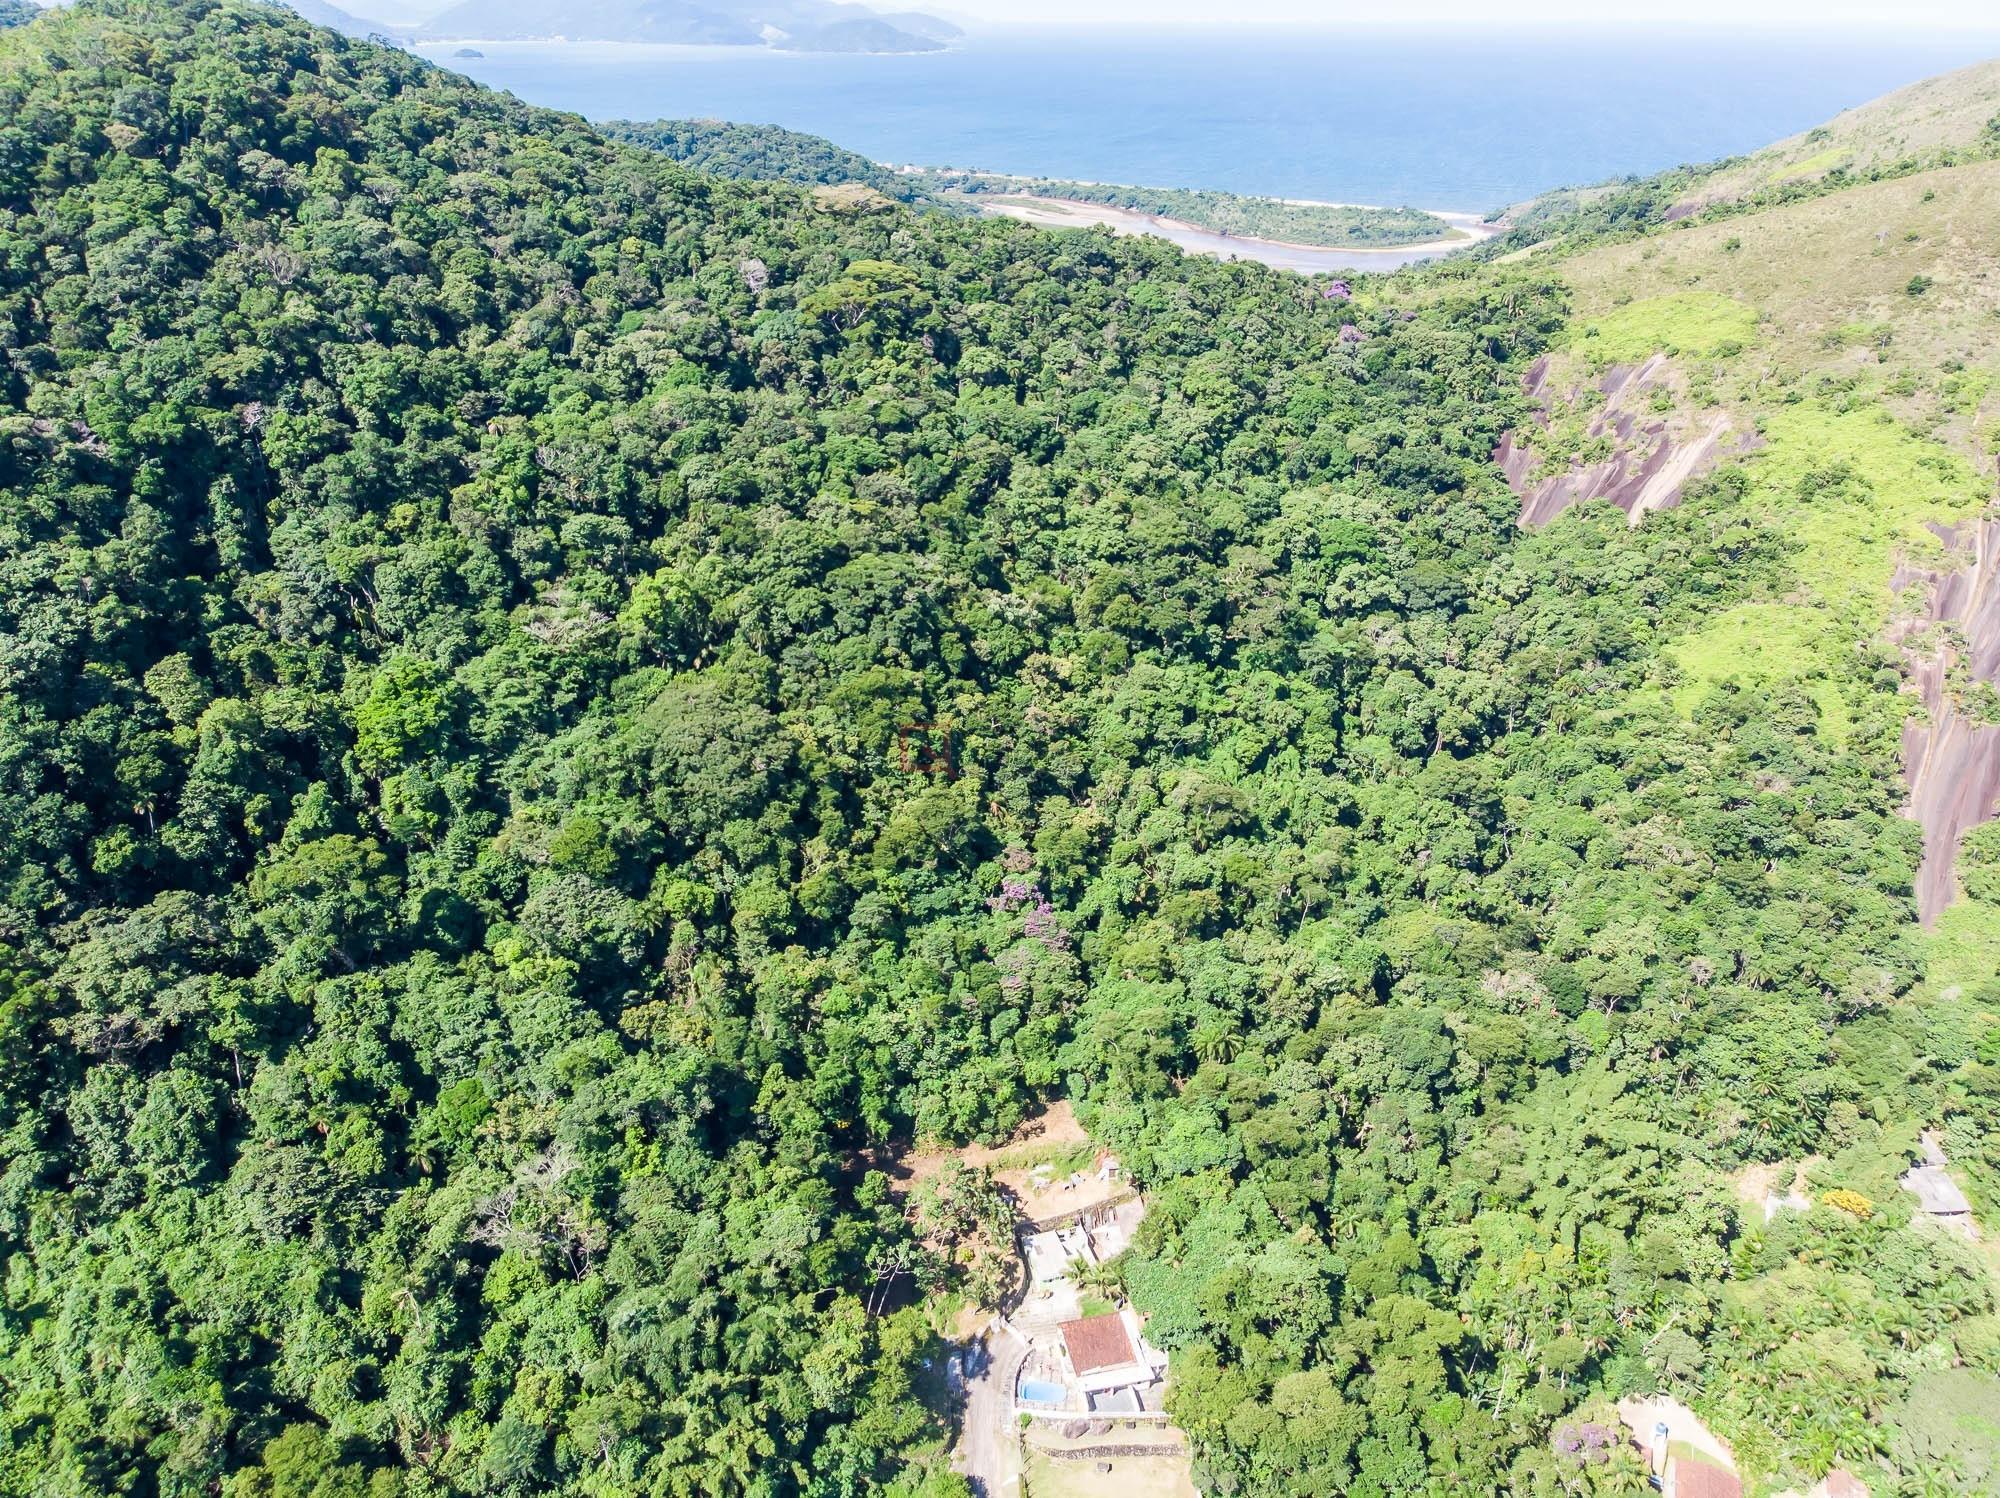 área à venda em Caraguatatuba, no bairro Martim De Sá